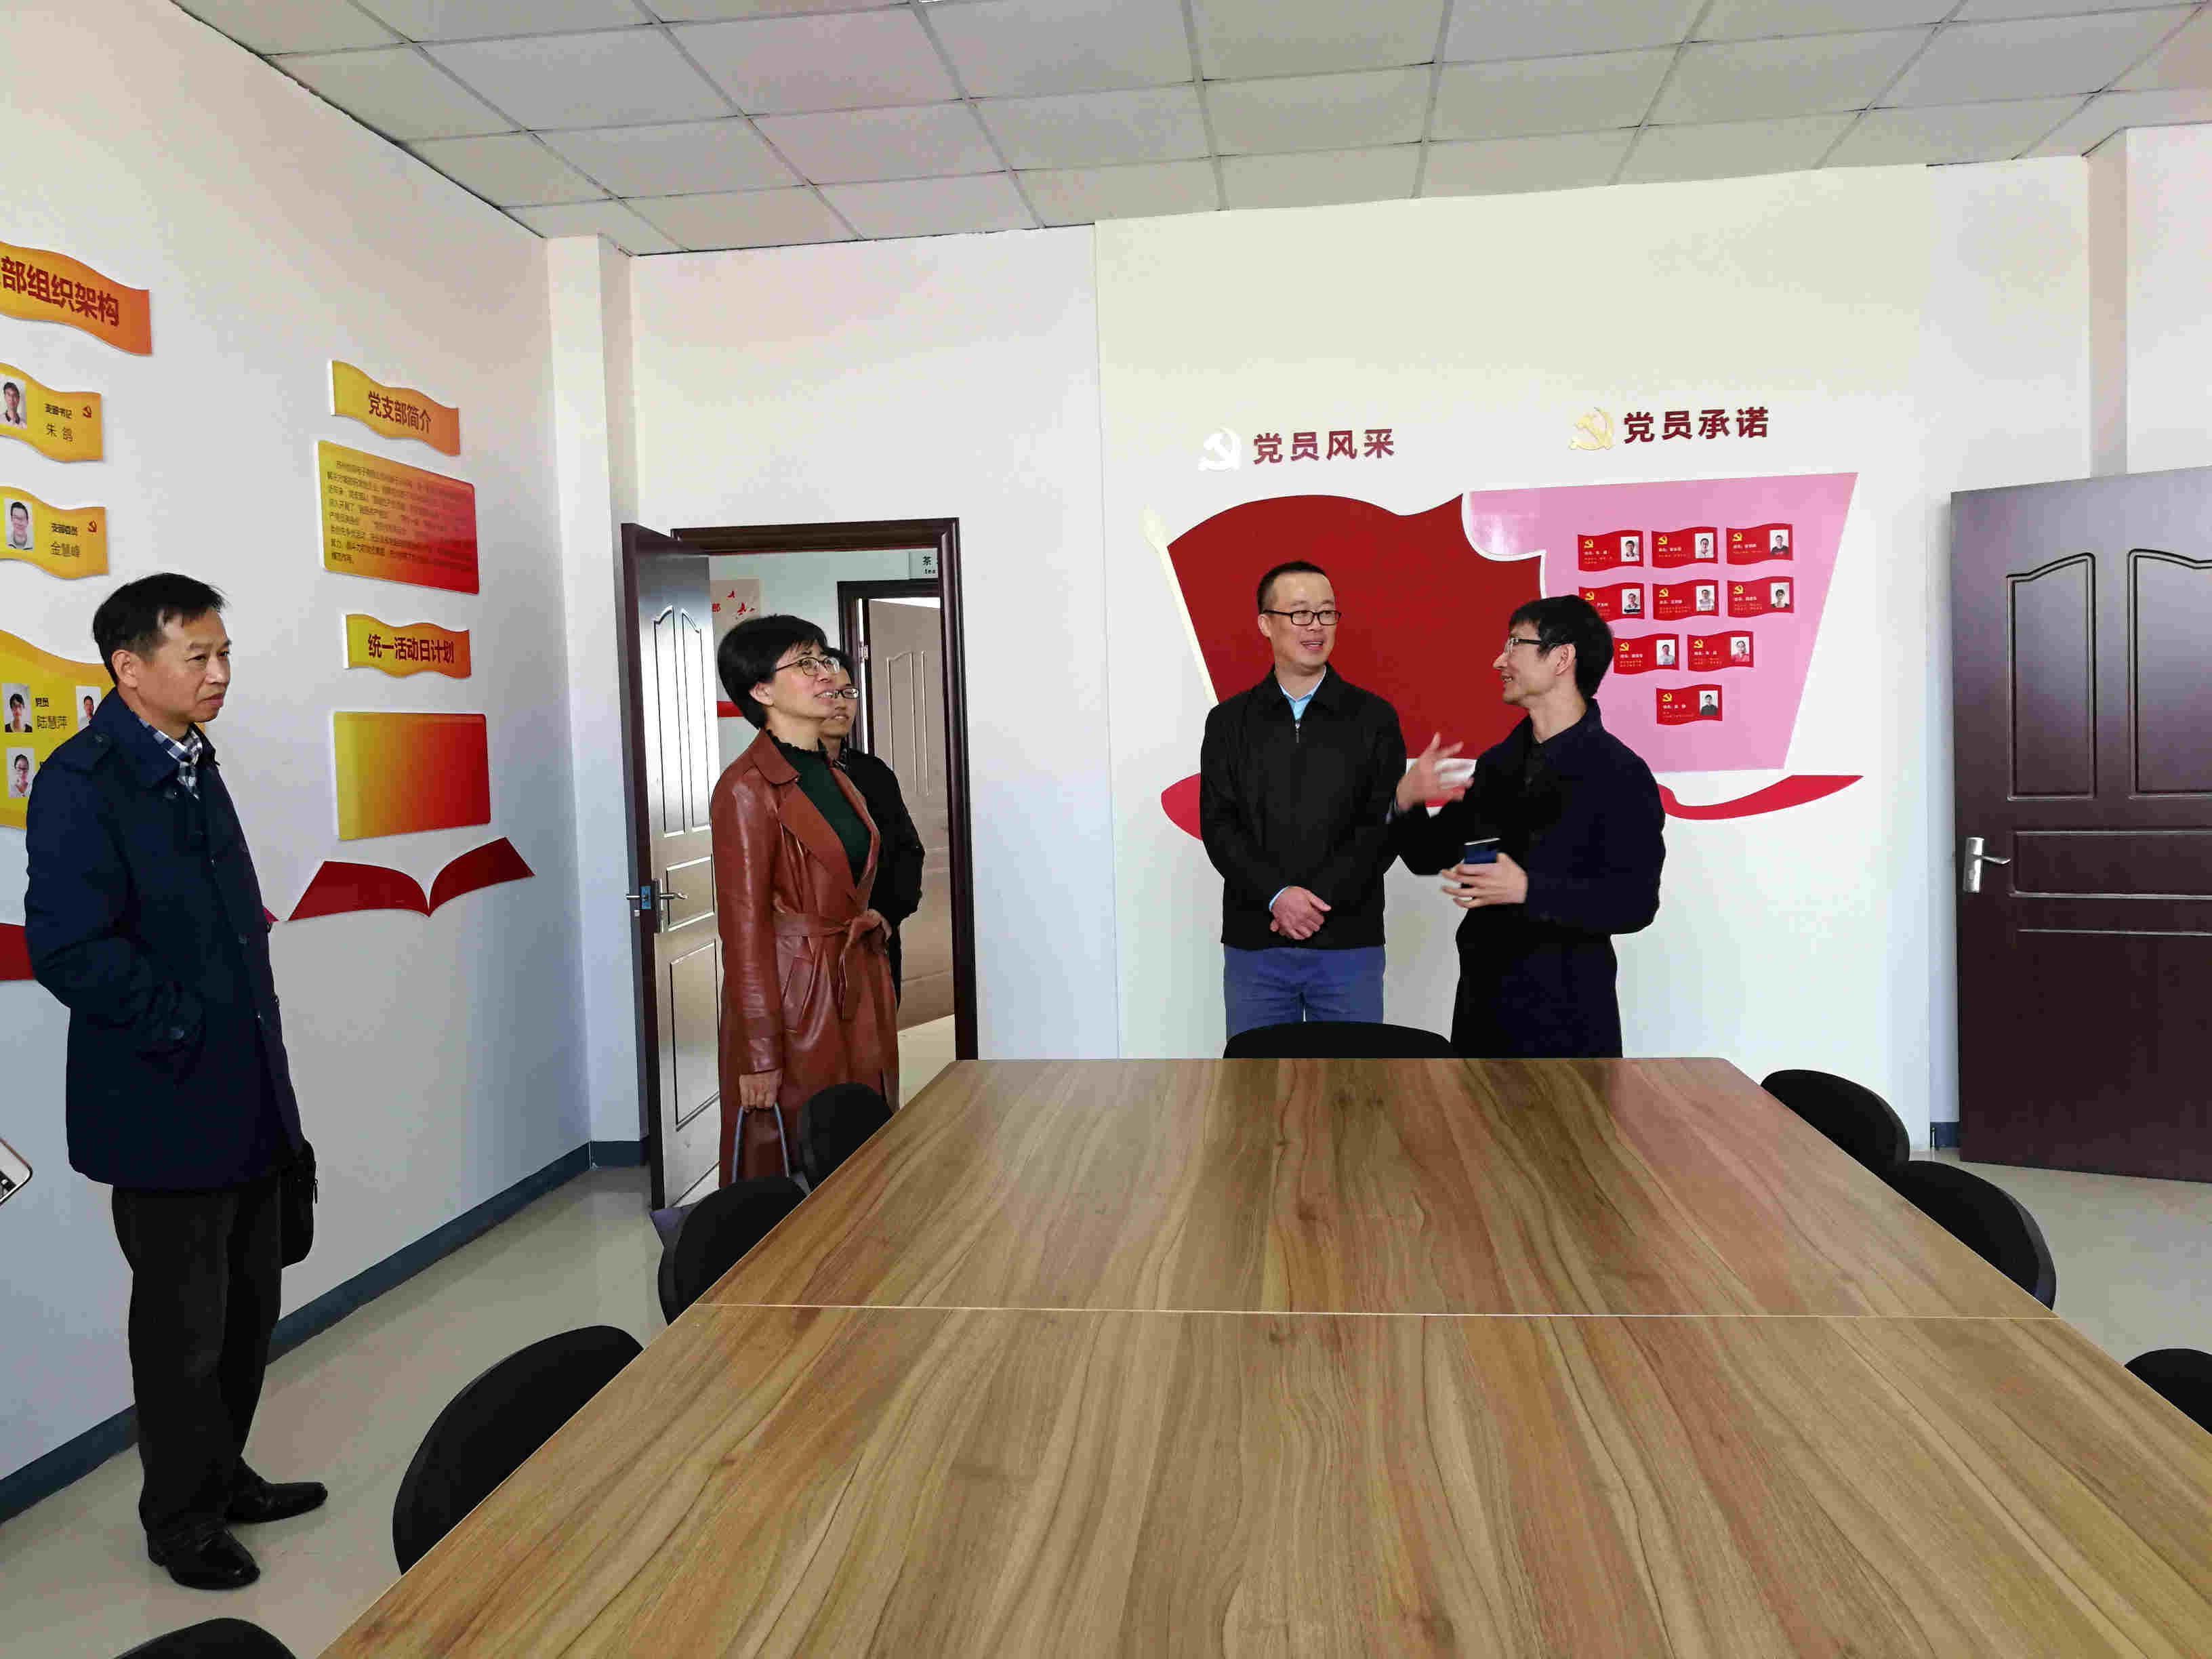 苏州市总工会副主席都锗邑一行参观创泰朱鸽劳模创新工作室